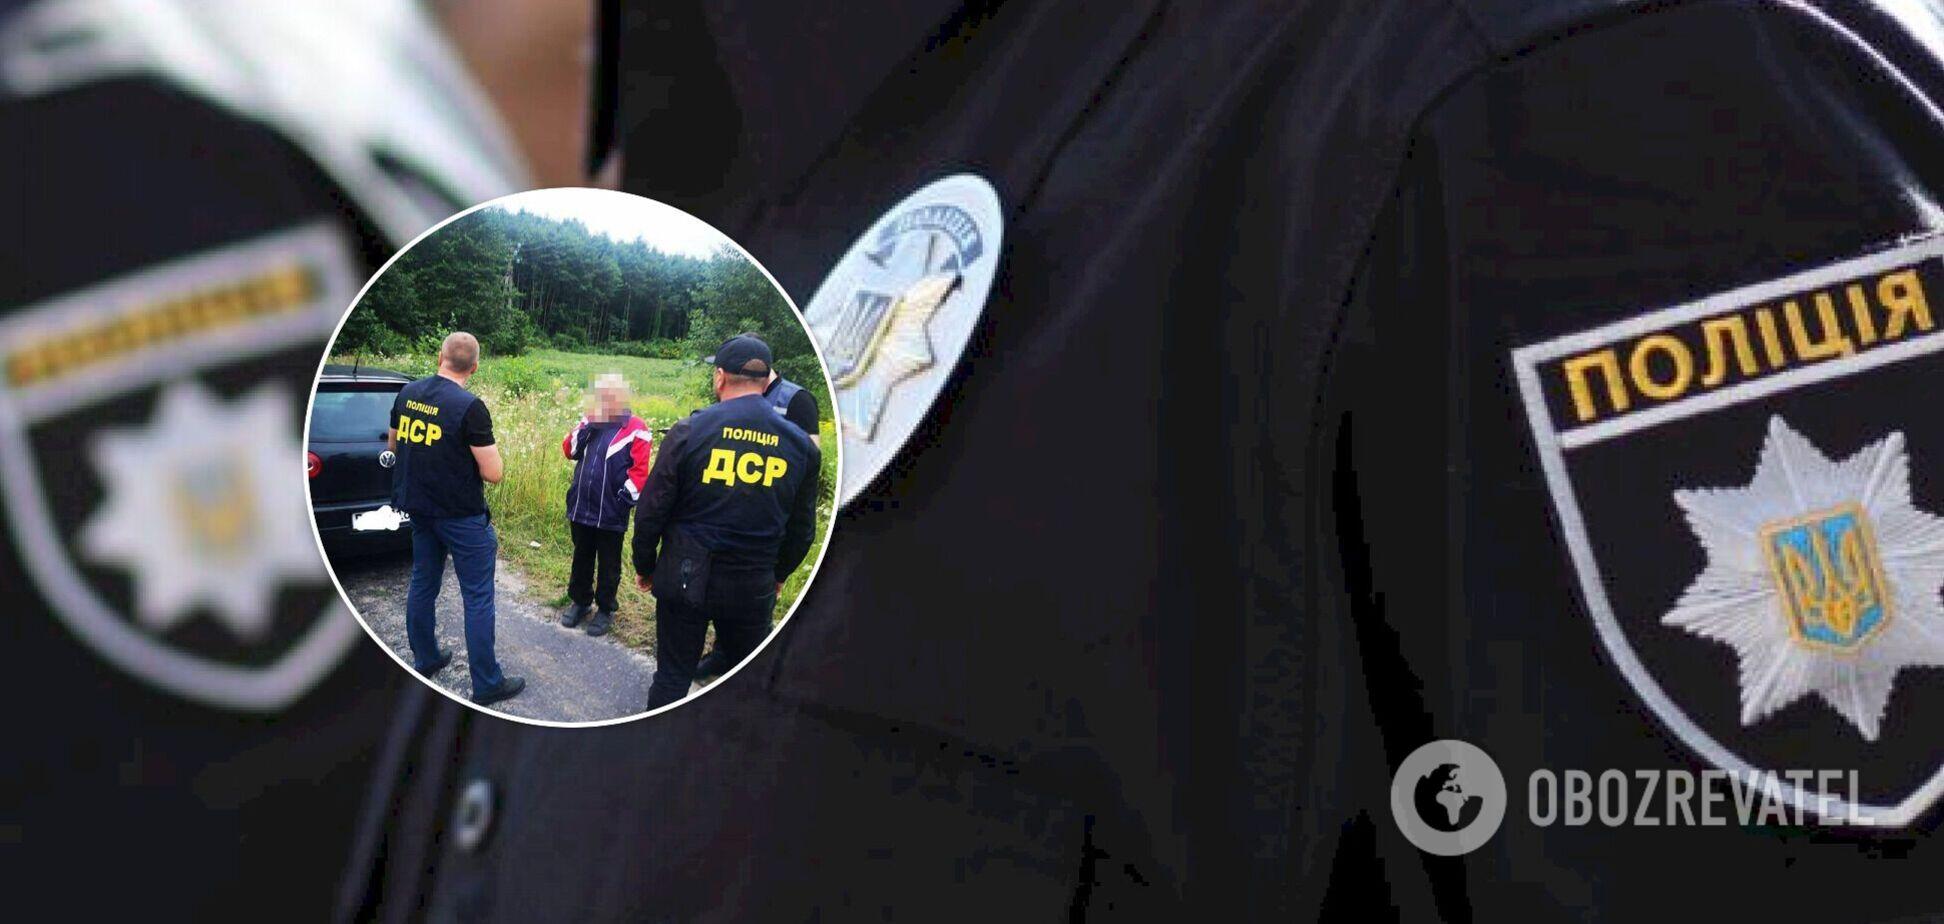 На Волині жінка замовила вбивство свого ексчоловіка, її затримали. Фото